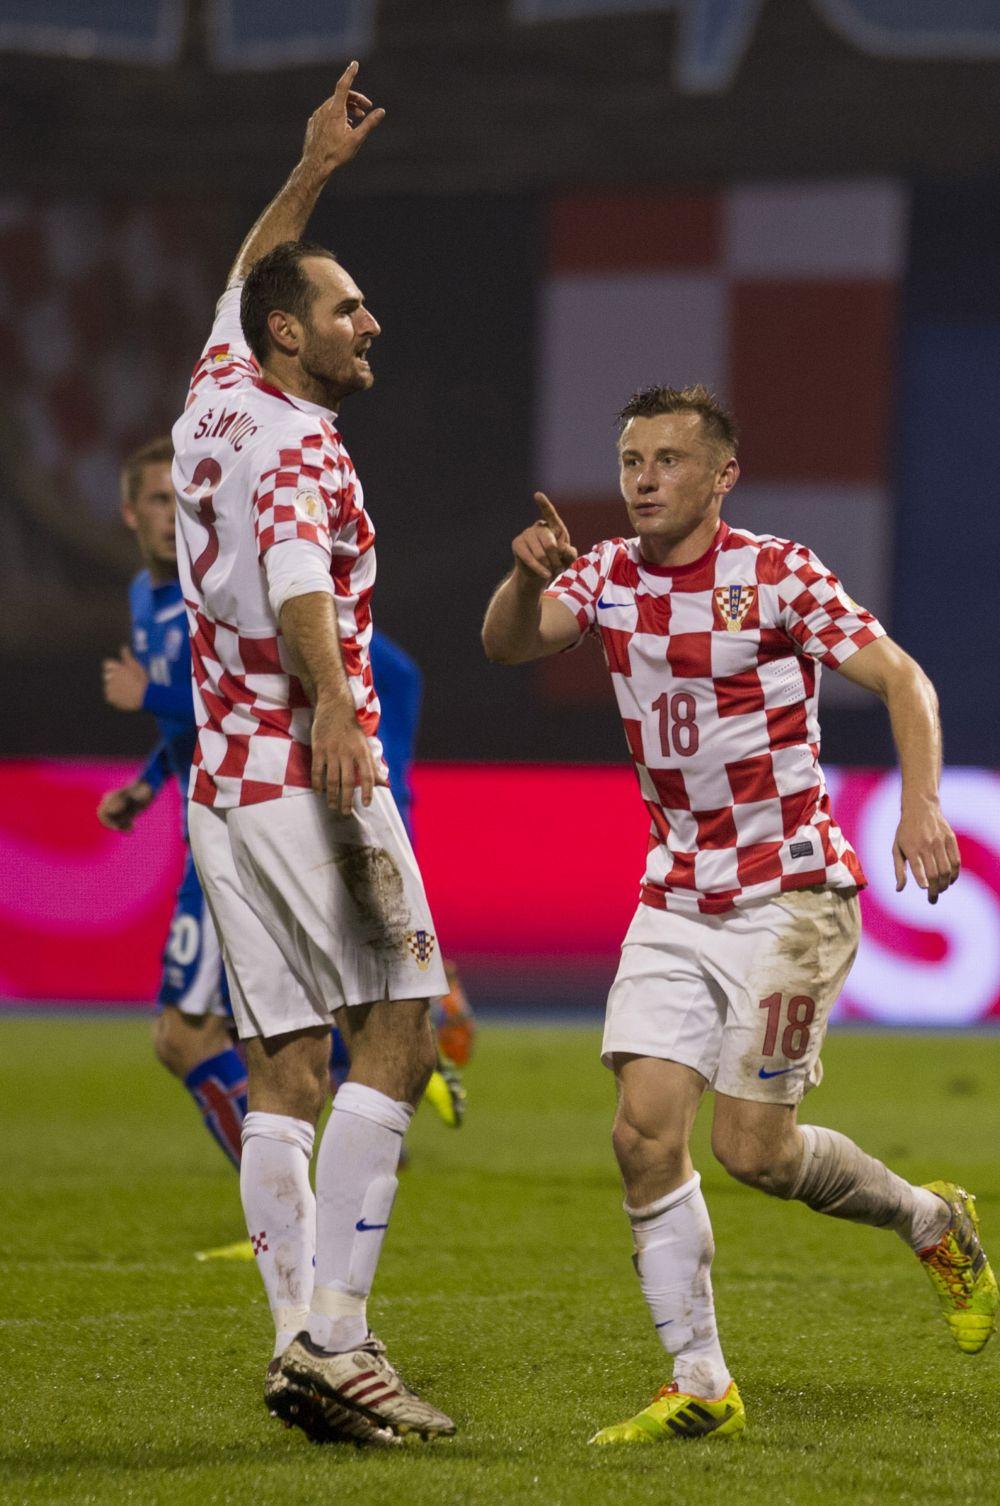 Команда Хорватии одна из тех сборных, которые придерживаются традиций – футболисты продолжат играть в клетчатой форме красно-белого цвета.